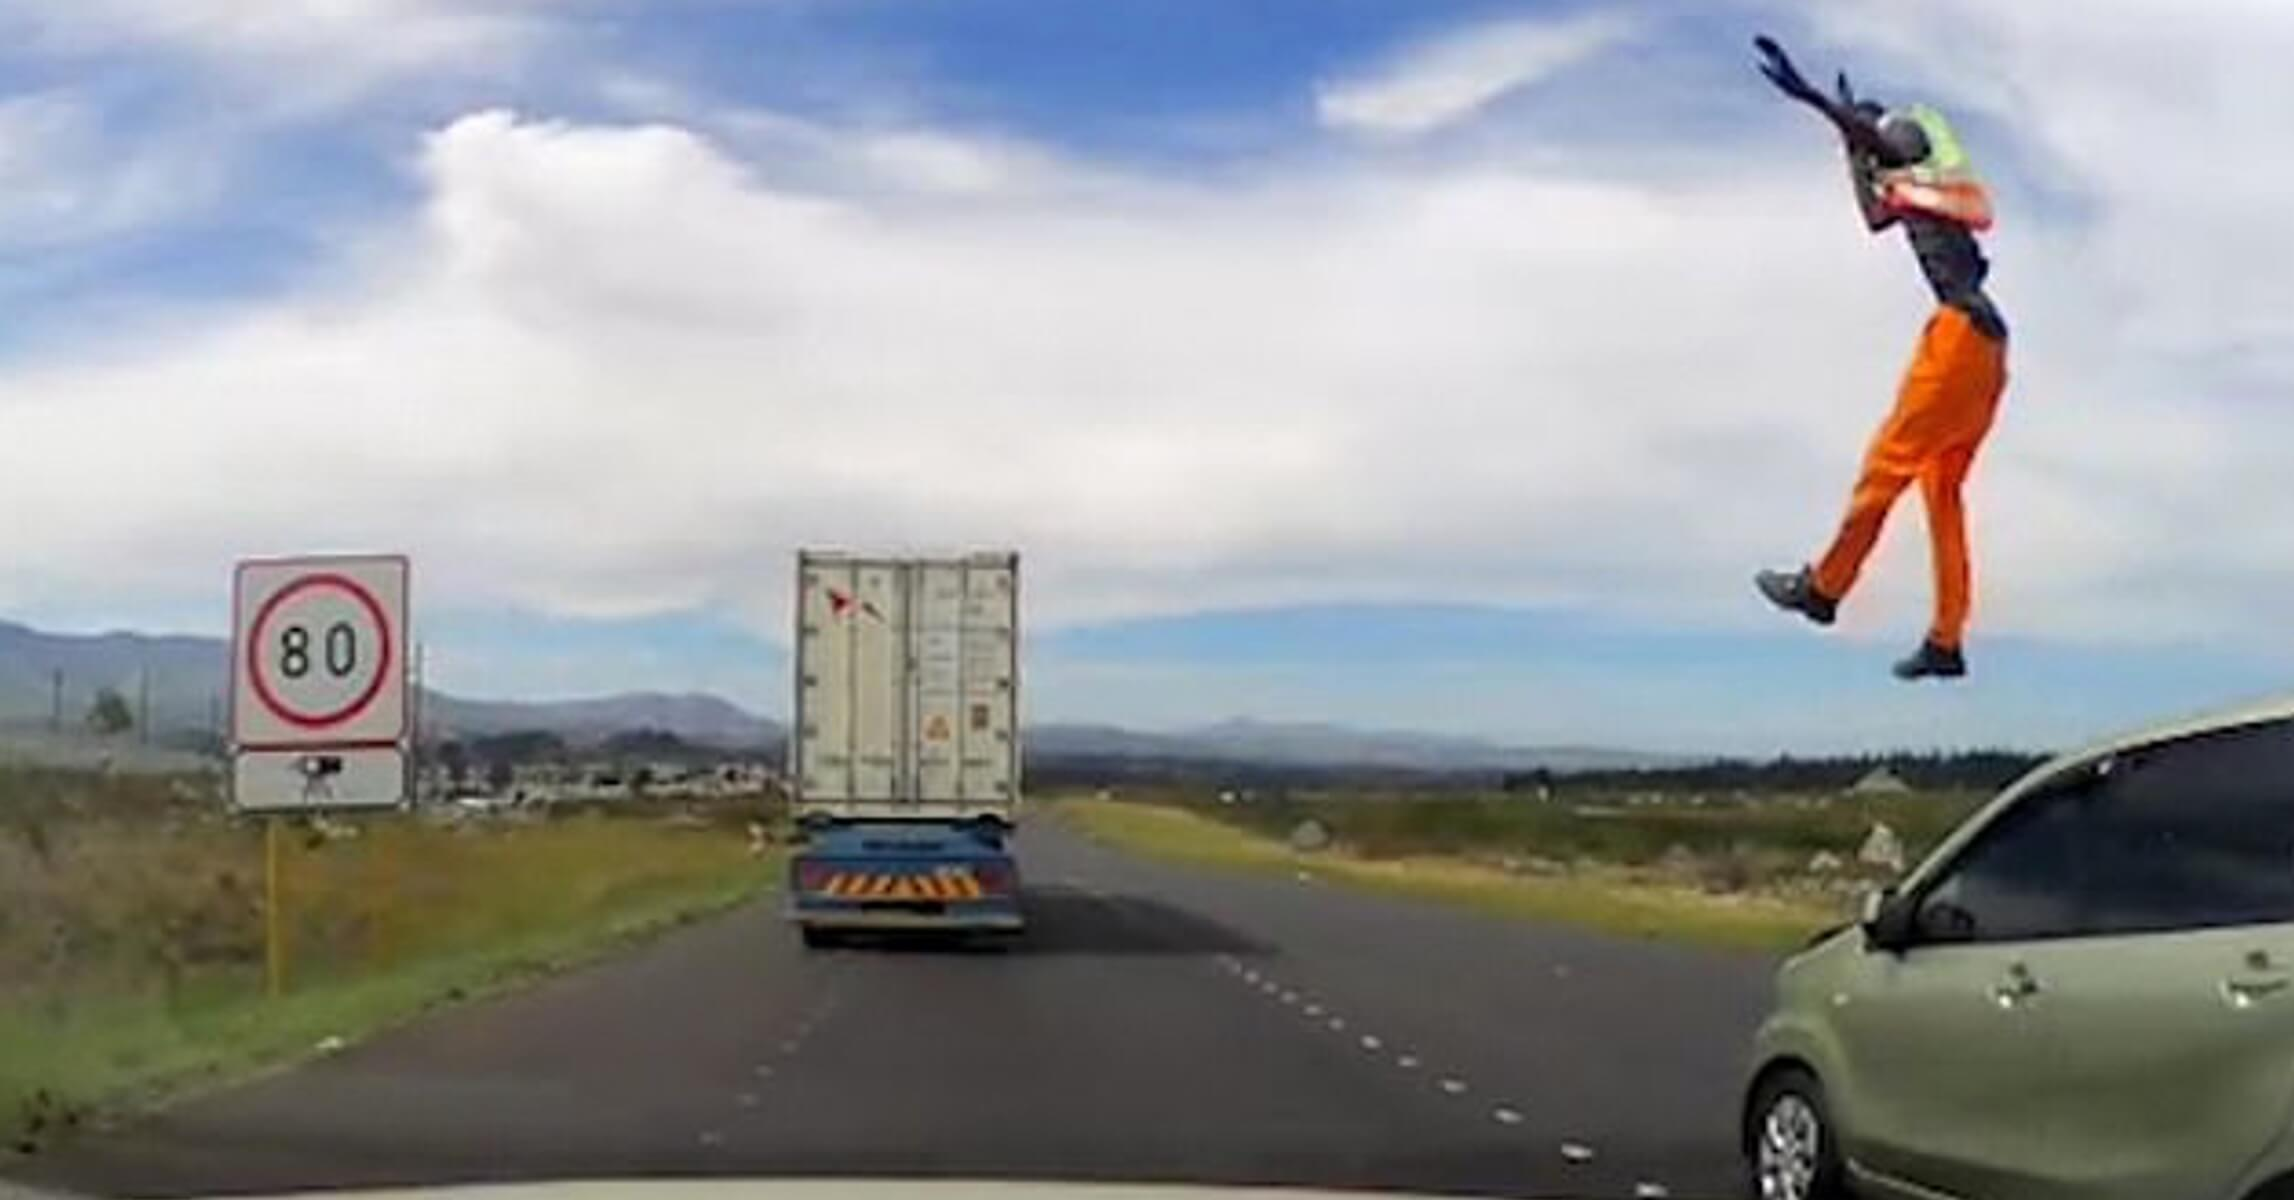 Αυτοκίνητο παρασύρει εργάτη και τον πετάει στον αέρα! Σοκαριστικό βίντεο